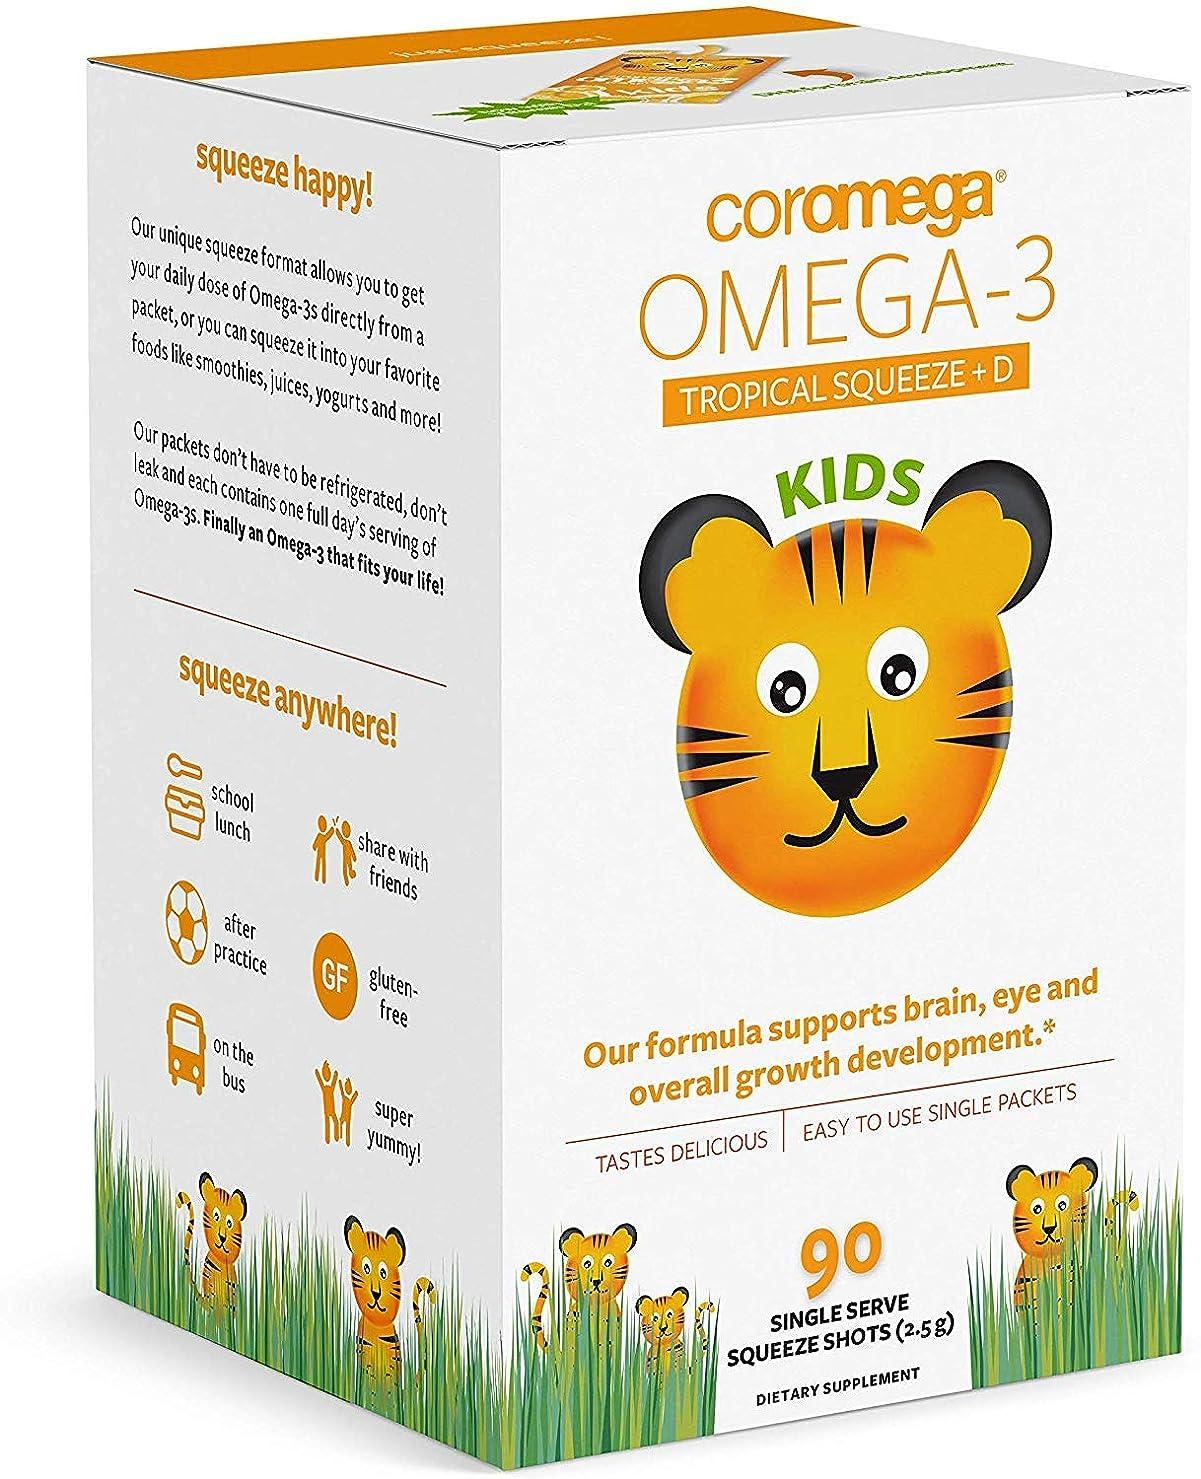 視力警告ほこりCoromega - Omega-3 熱帯オレンジをからかう - 90個のシングルサーブパケットX 1 パック [並行輸入品]